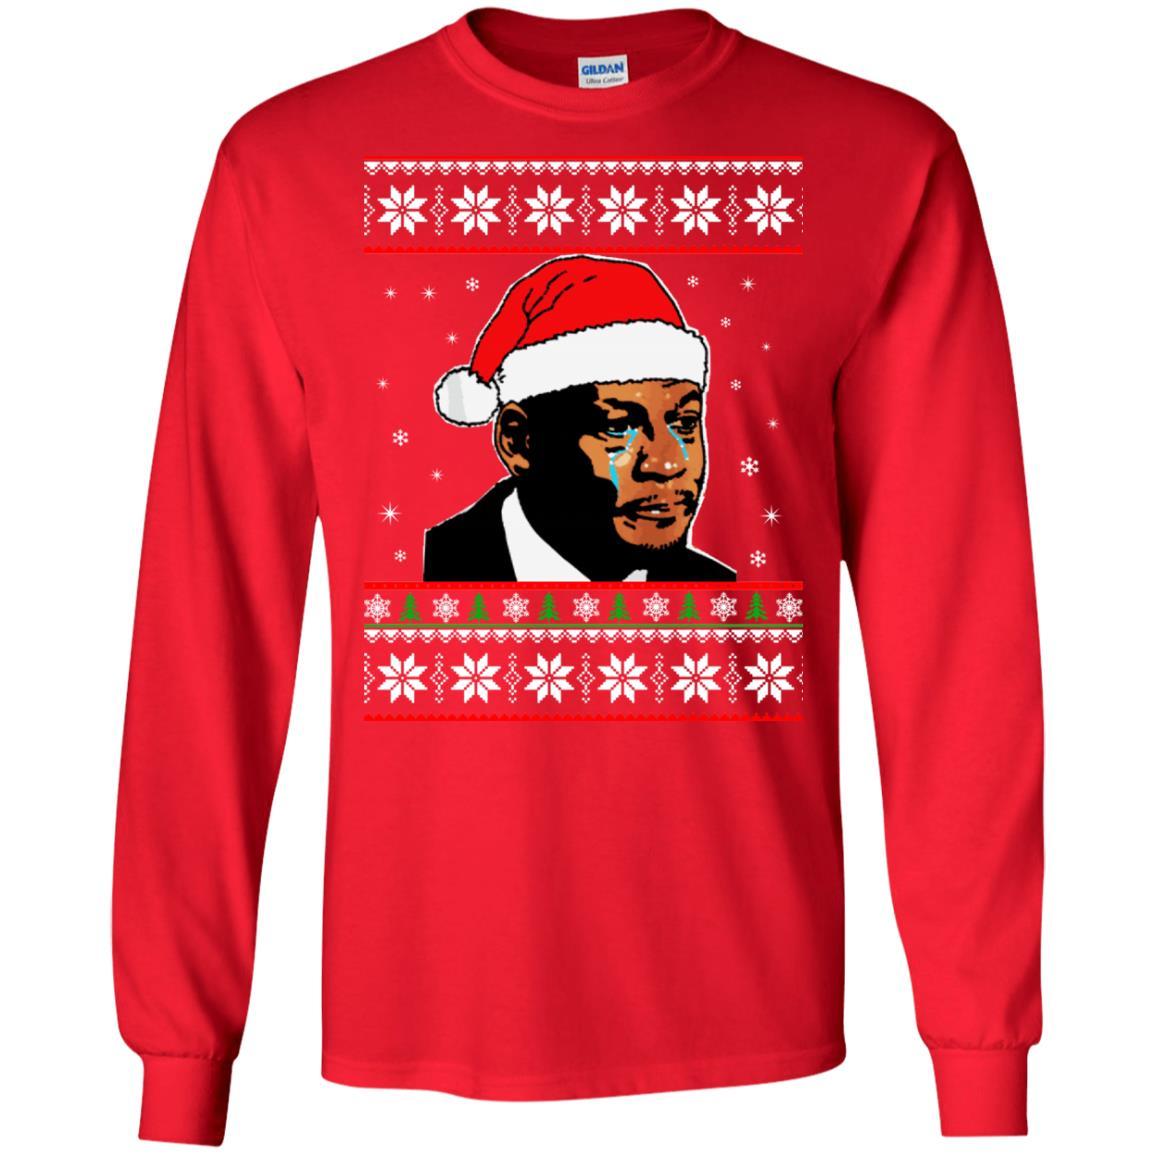 image 2664 - Crying Jordan Christmas Sweater, Christmas Jordan Ugly Sweatshirt